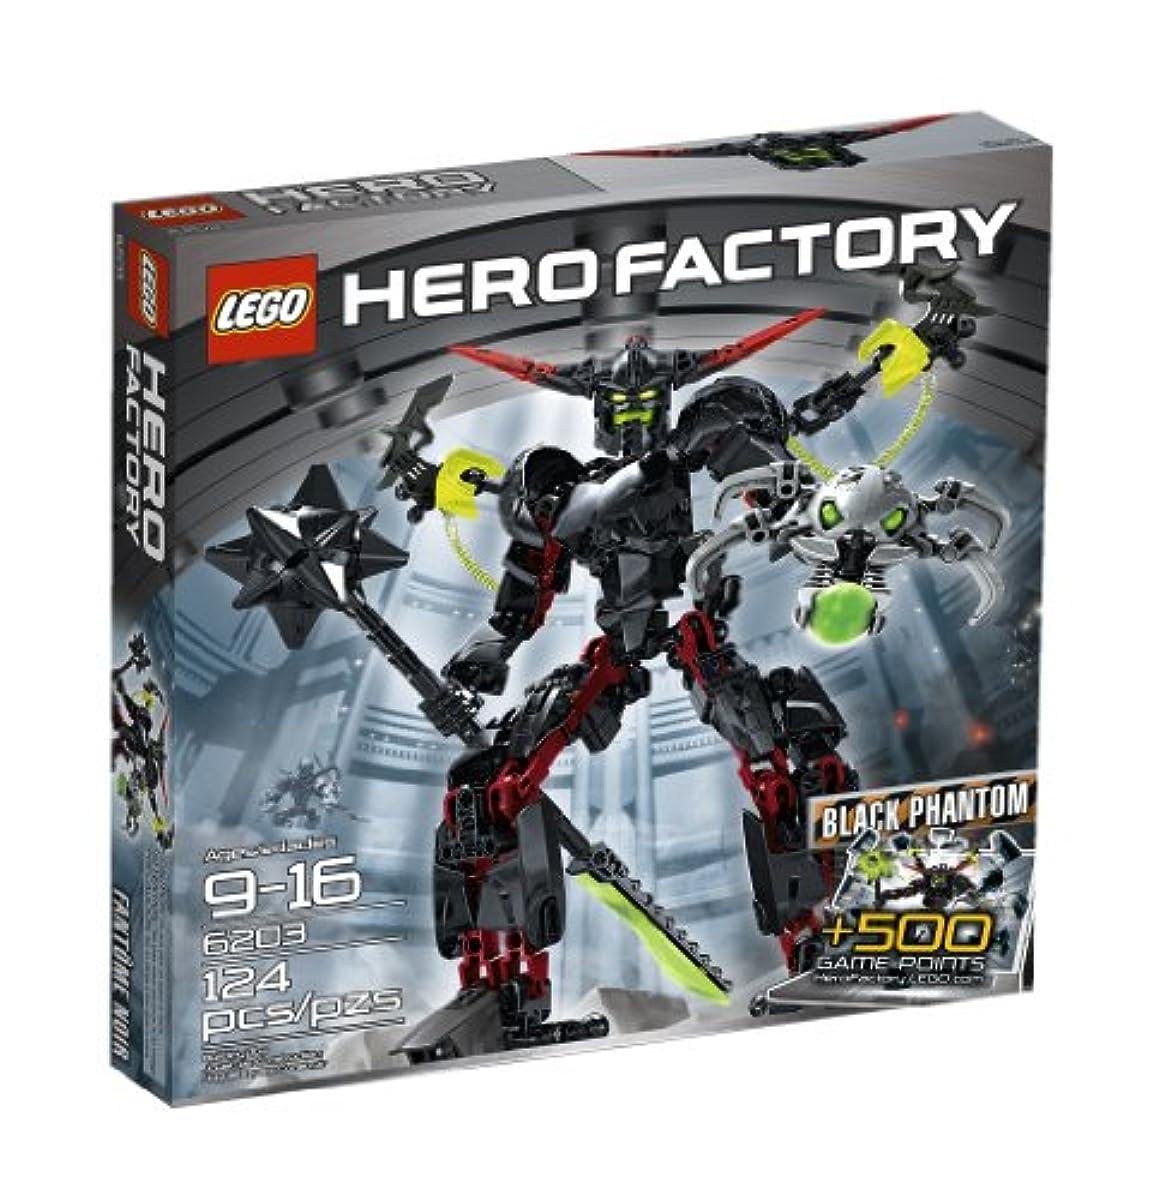 [해외] LEGO 6203 레고 히어로 팩토리「블랙 팬텀」해외 한정품 2012년 작품-4654072